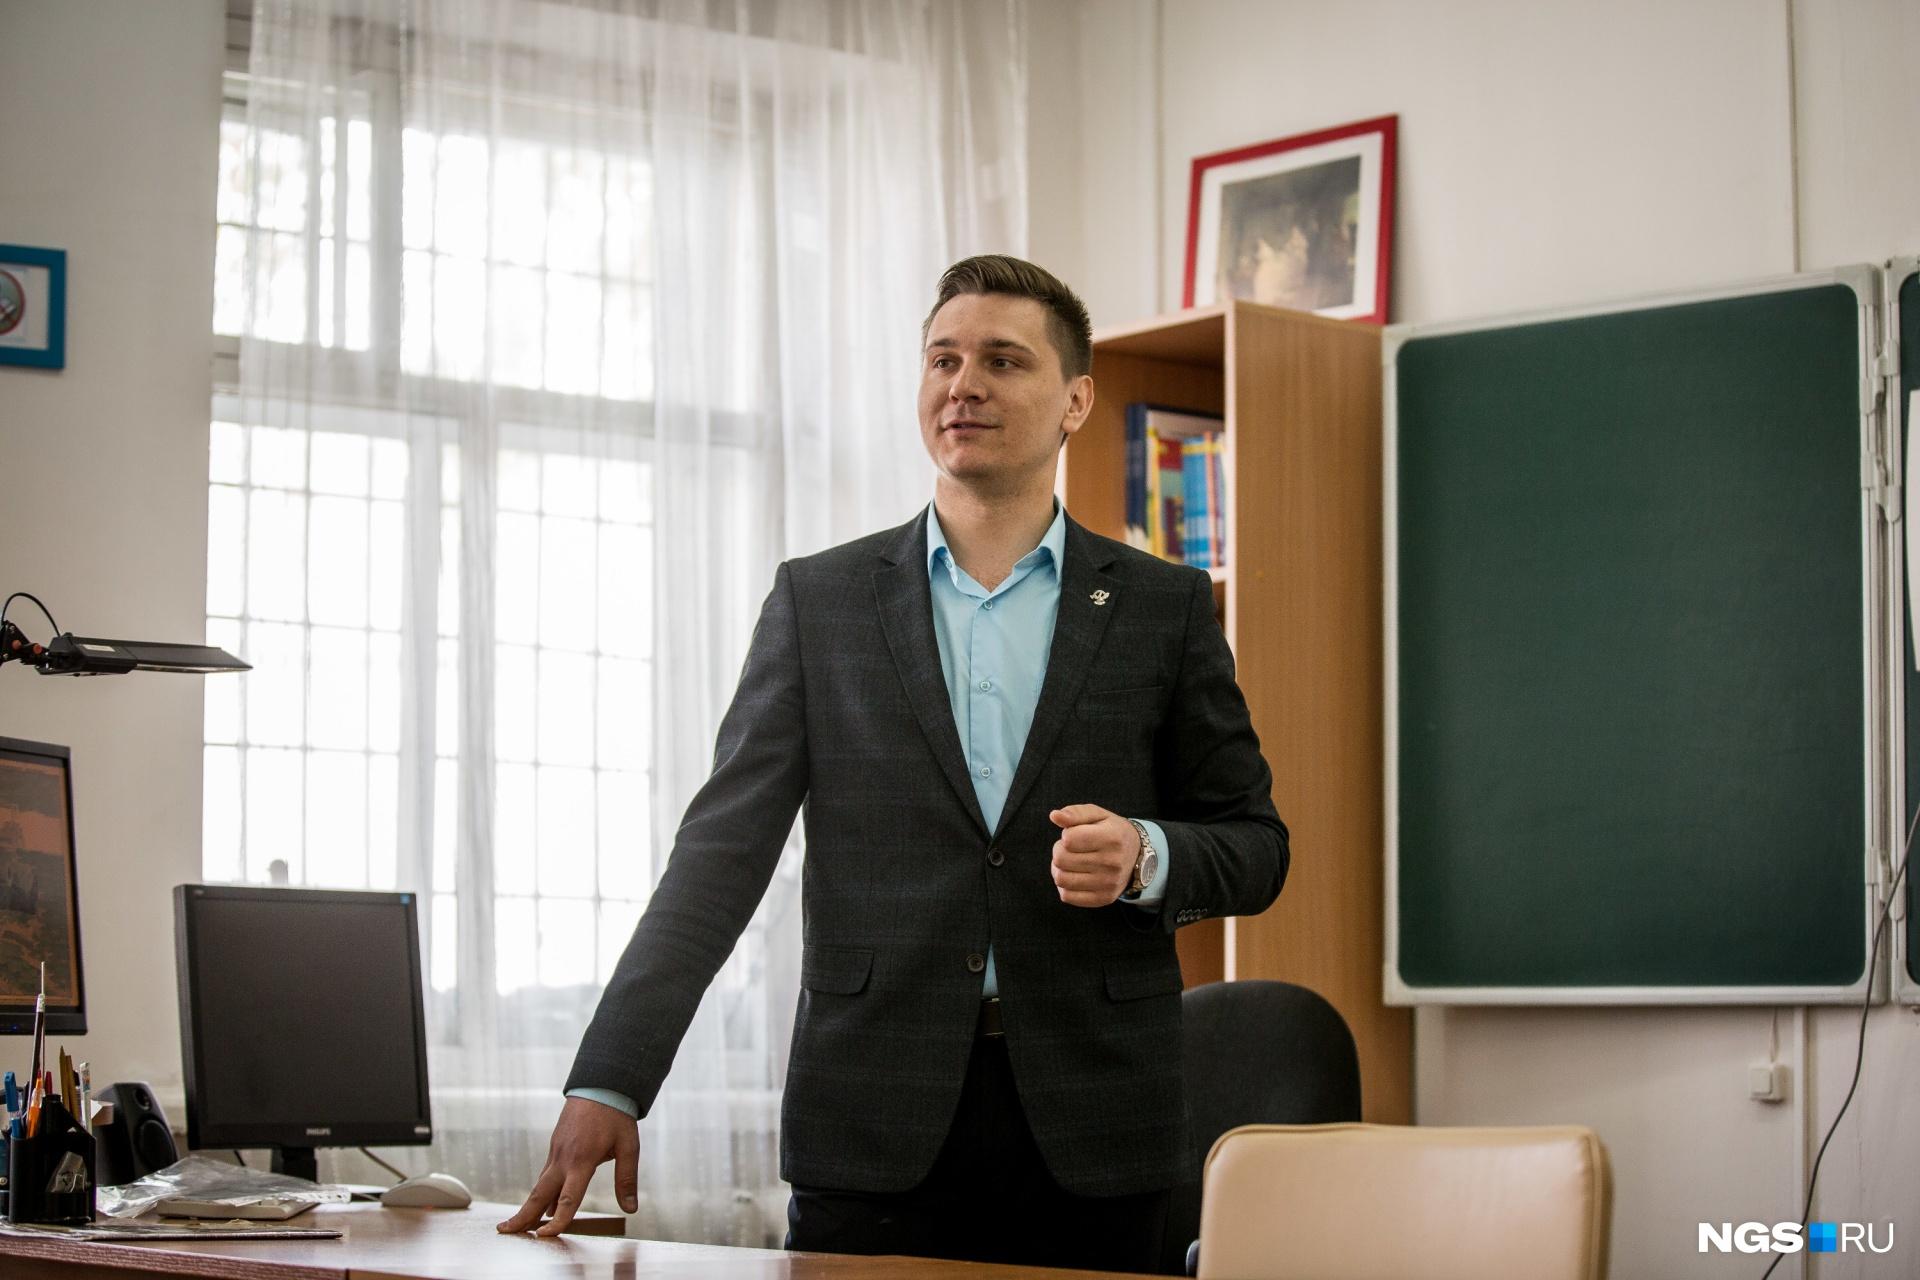 Иван Данилко может на примере новости-утки о смерти Пугачевой рассказать про закон о фейк-ньюс